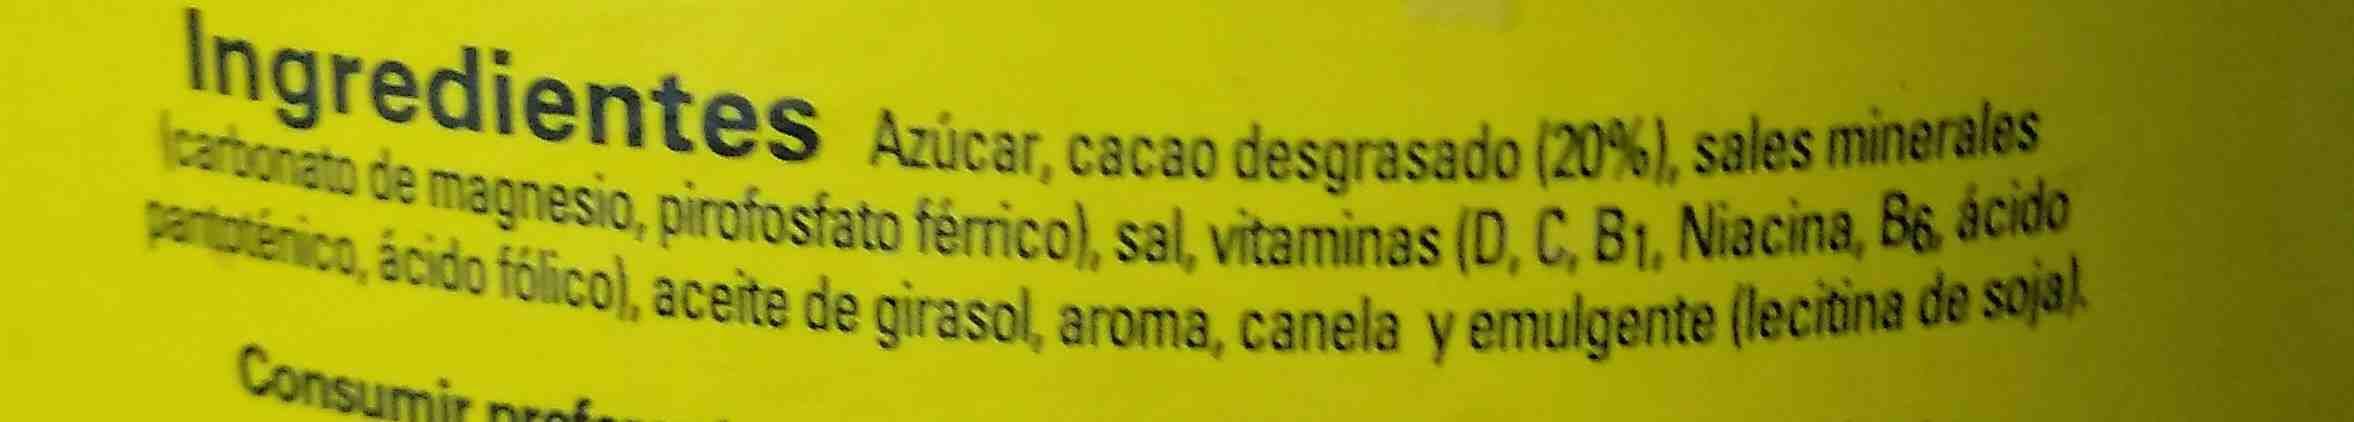 CACAU NESQUIK EN POLS - Ingredients - en